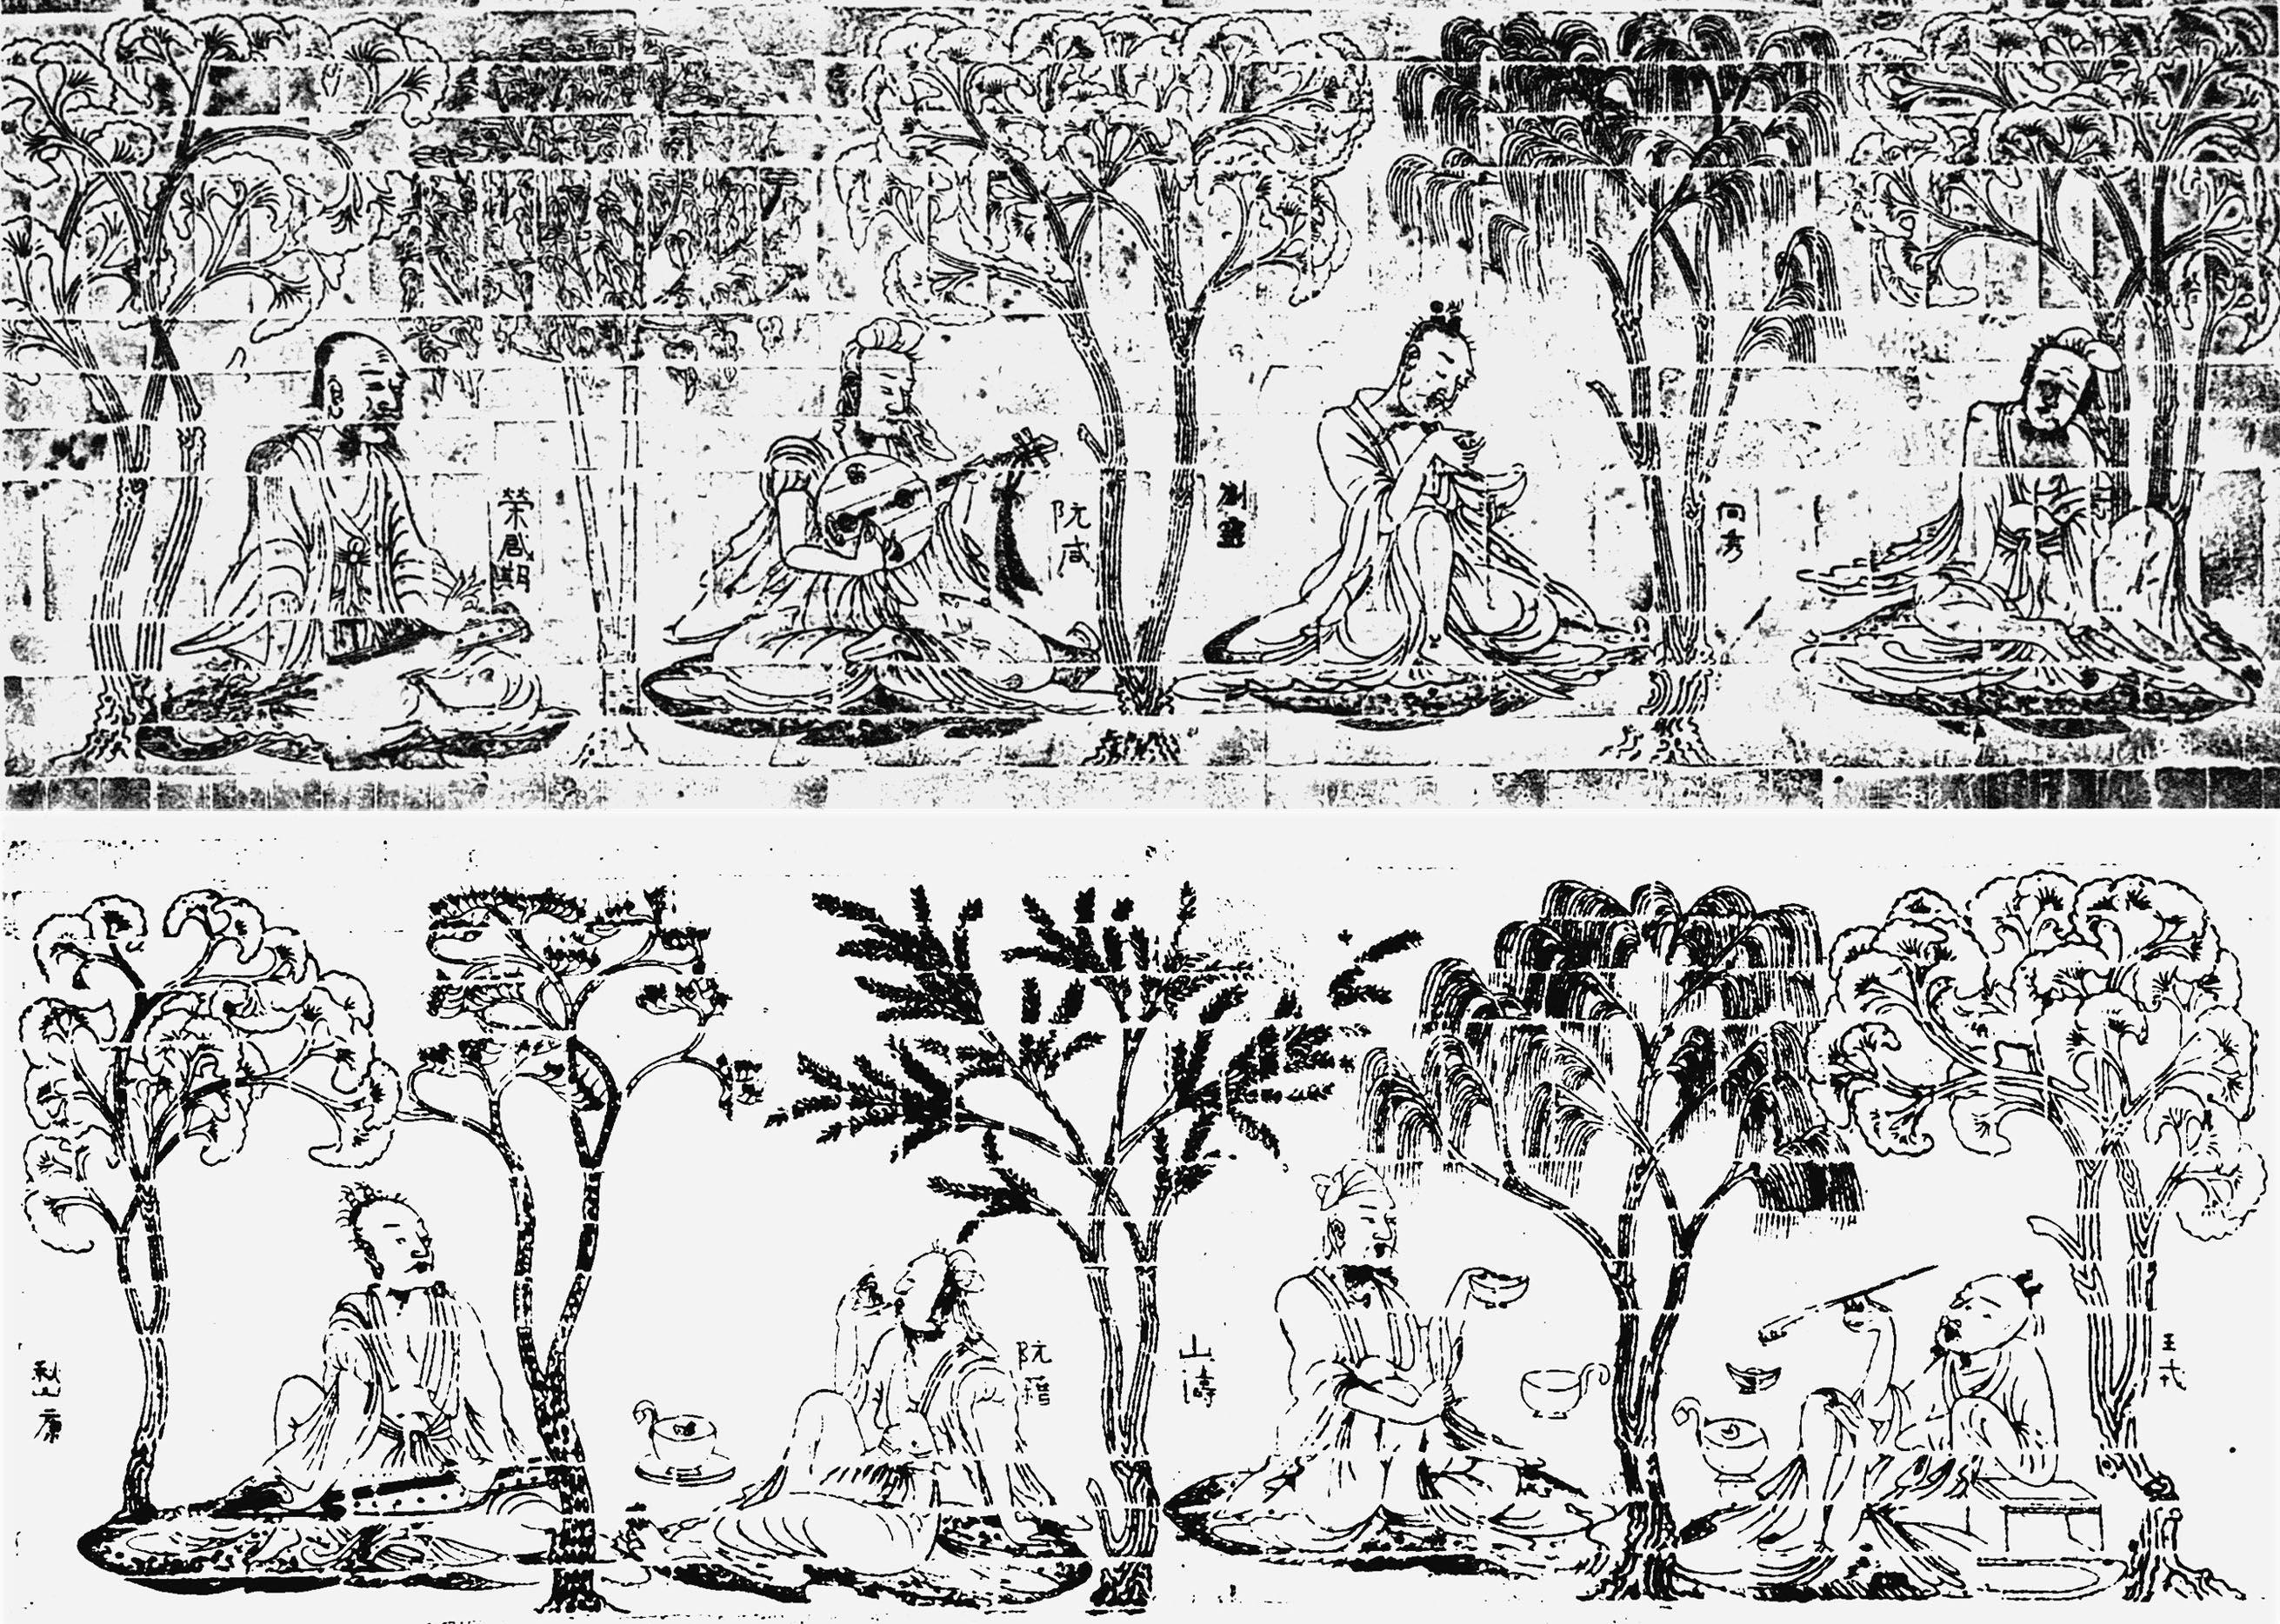 竹林七賢和榮啟期》磚印模畫 Seven Sages of the Bamboo Grove & Rong ...